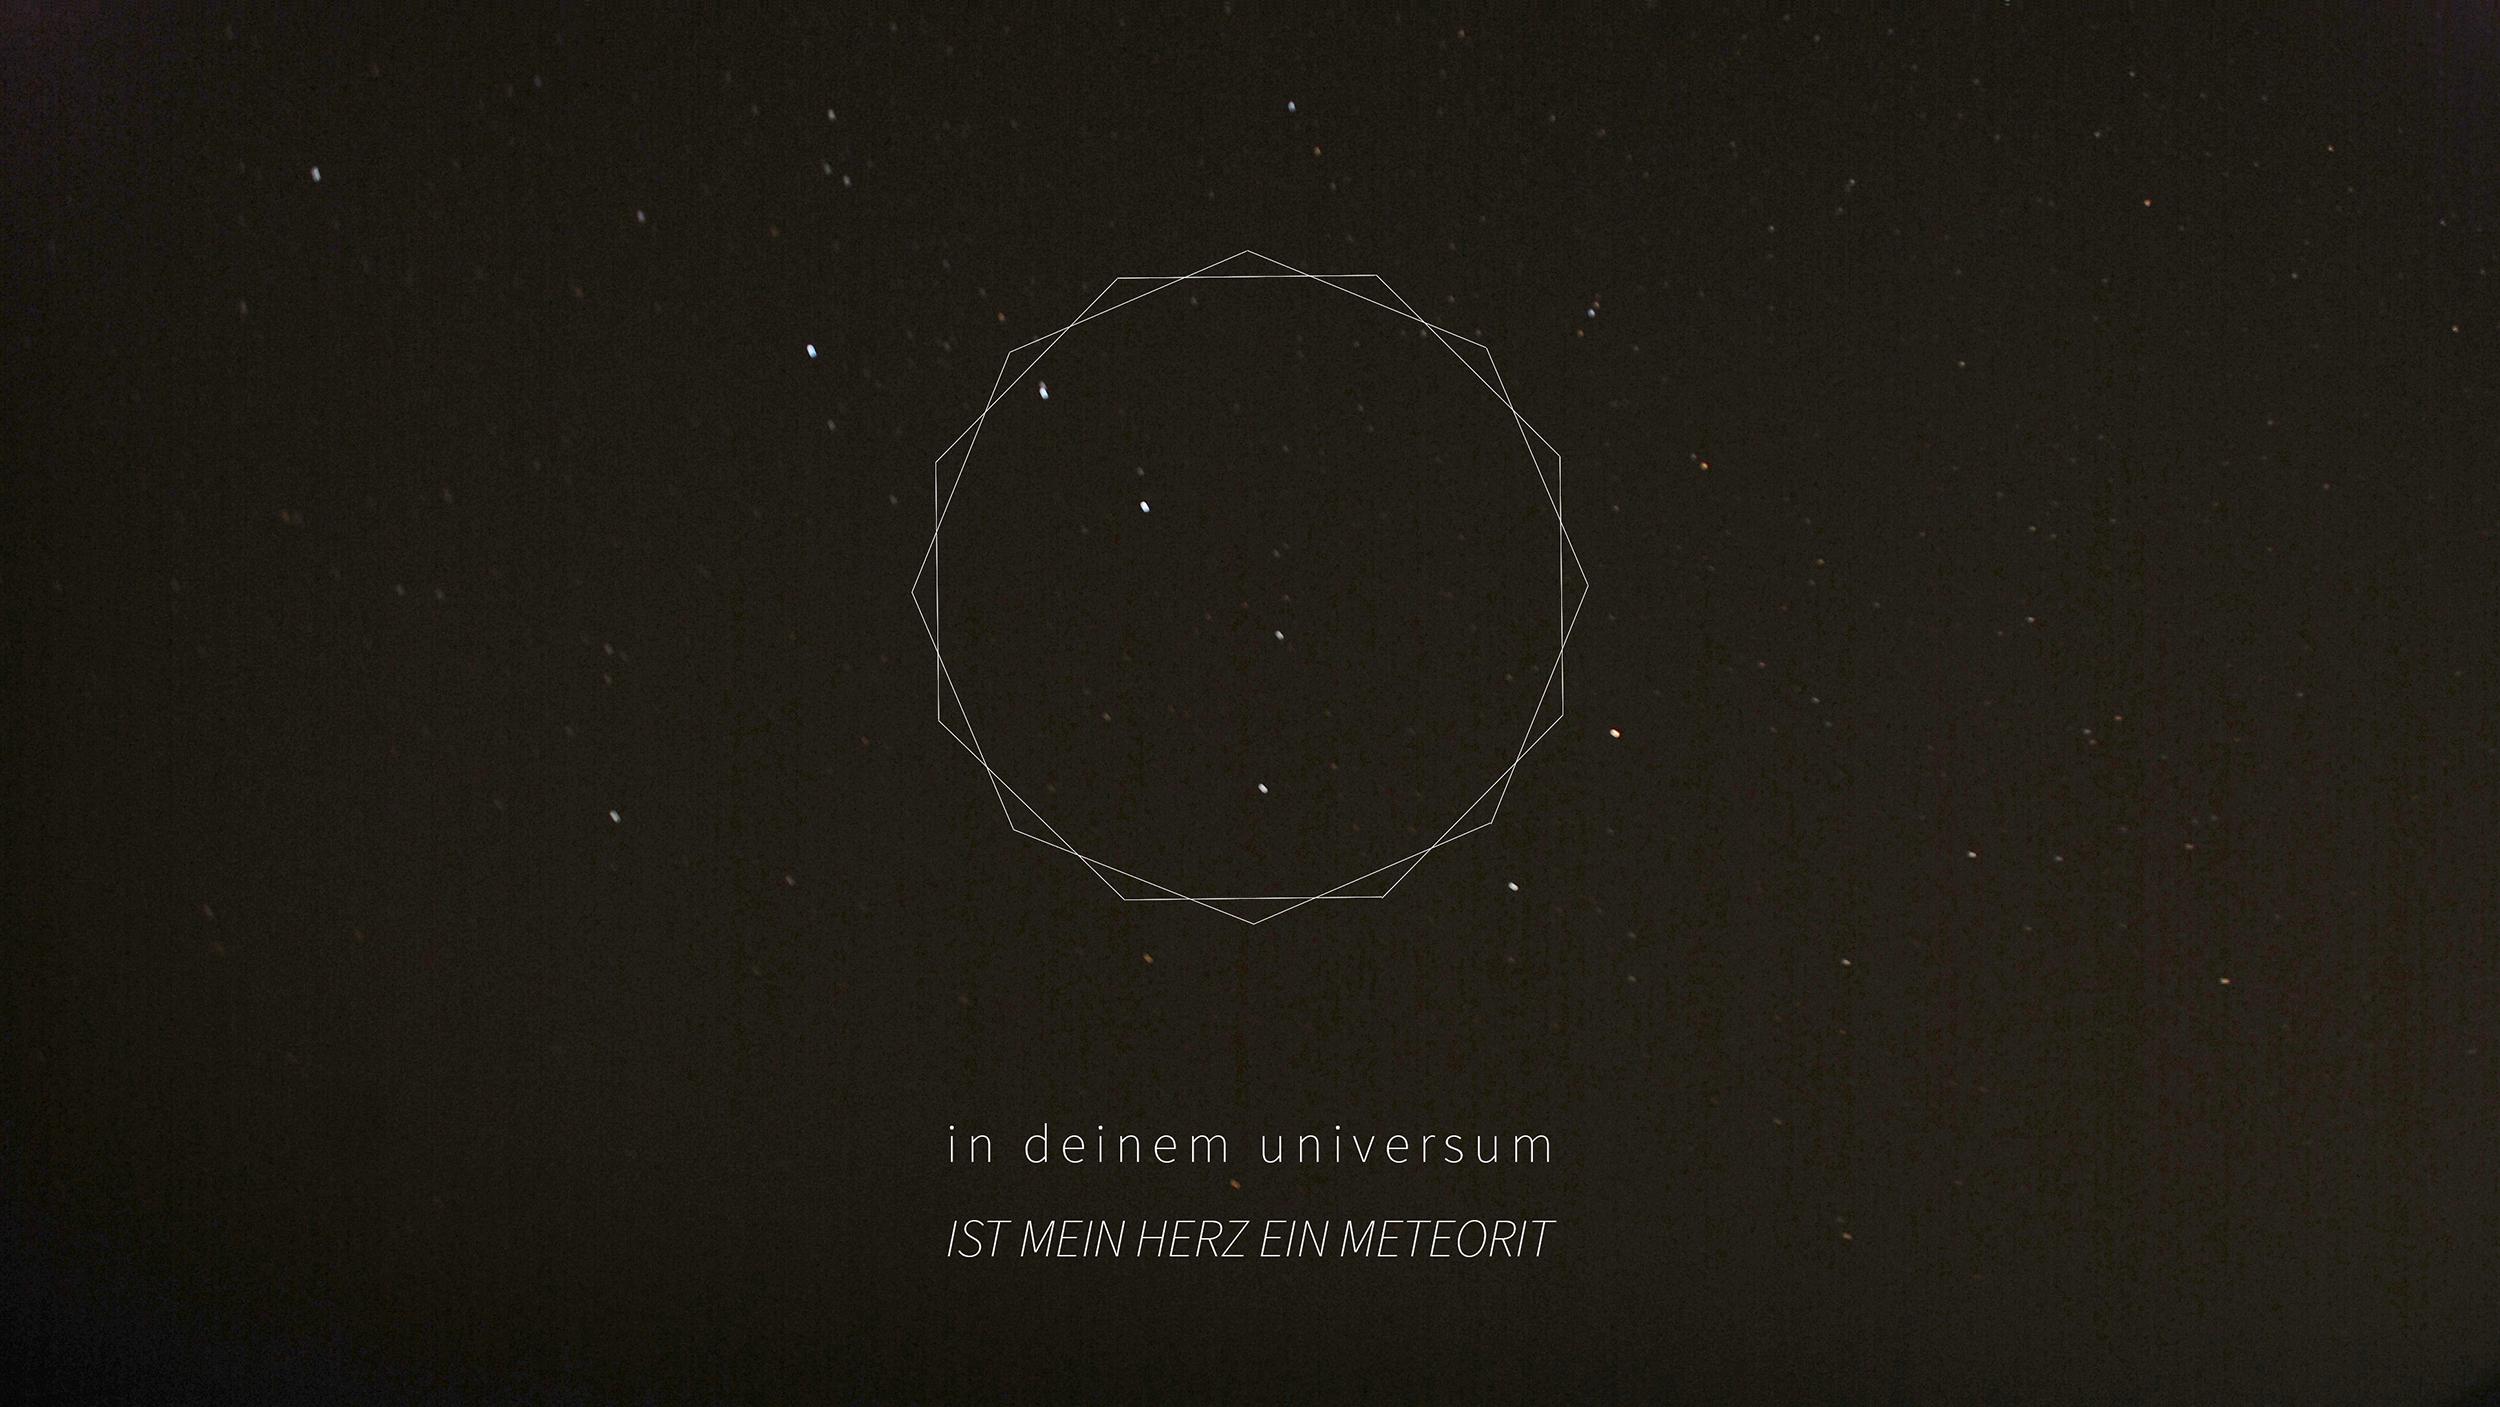 in deinem universum ist mein herz ein meteorit